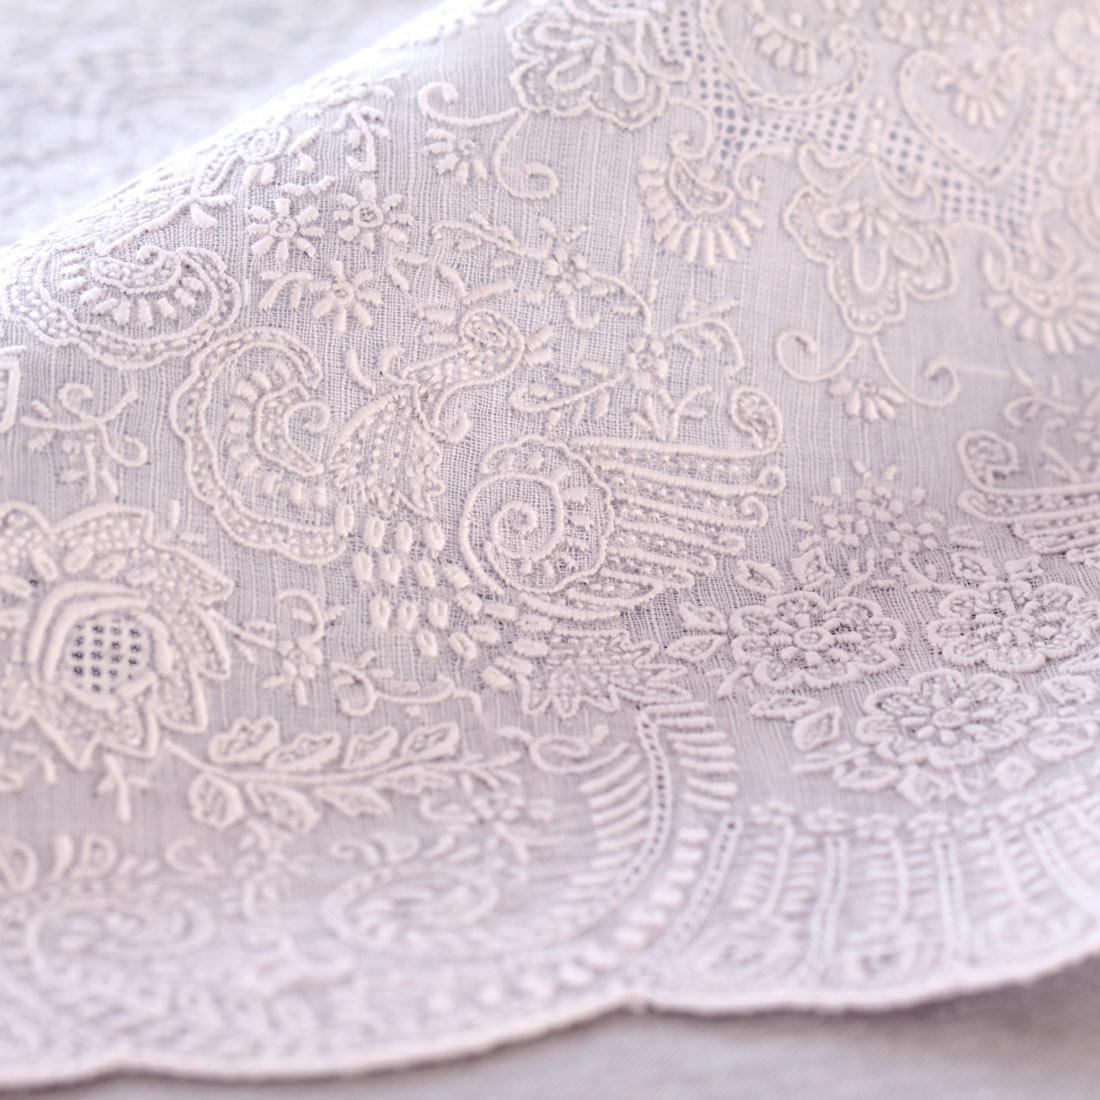 汕頭手刺繍 ハンカチ ヘリテージ